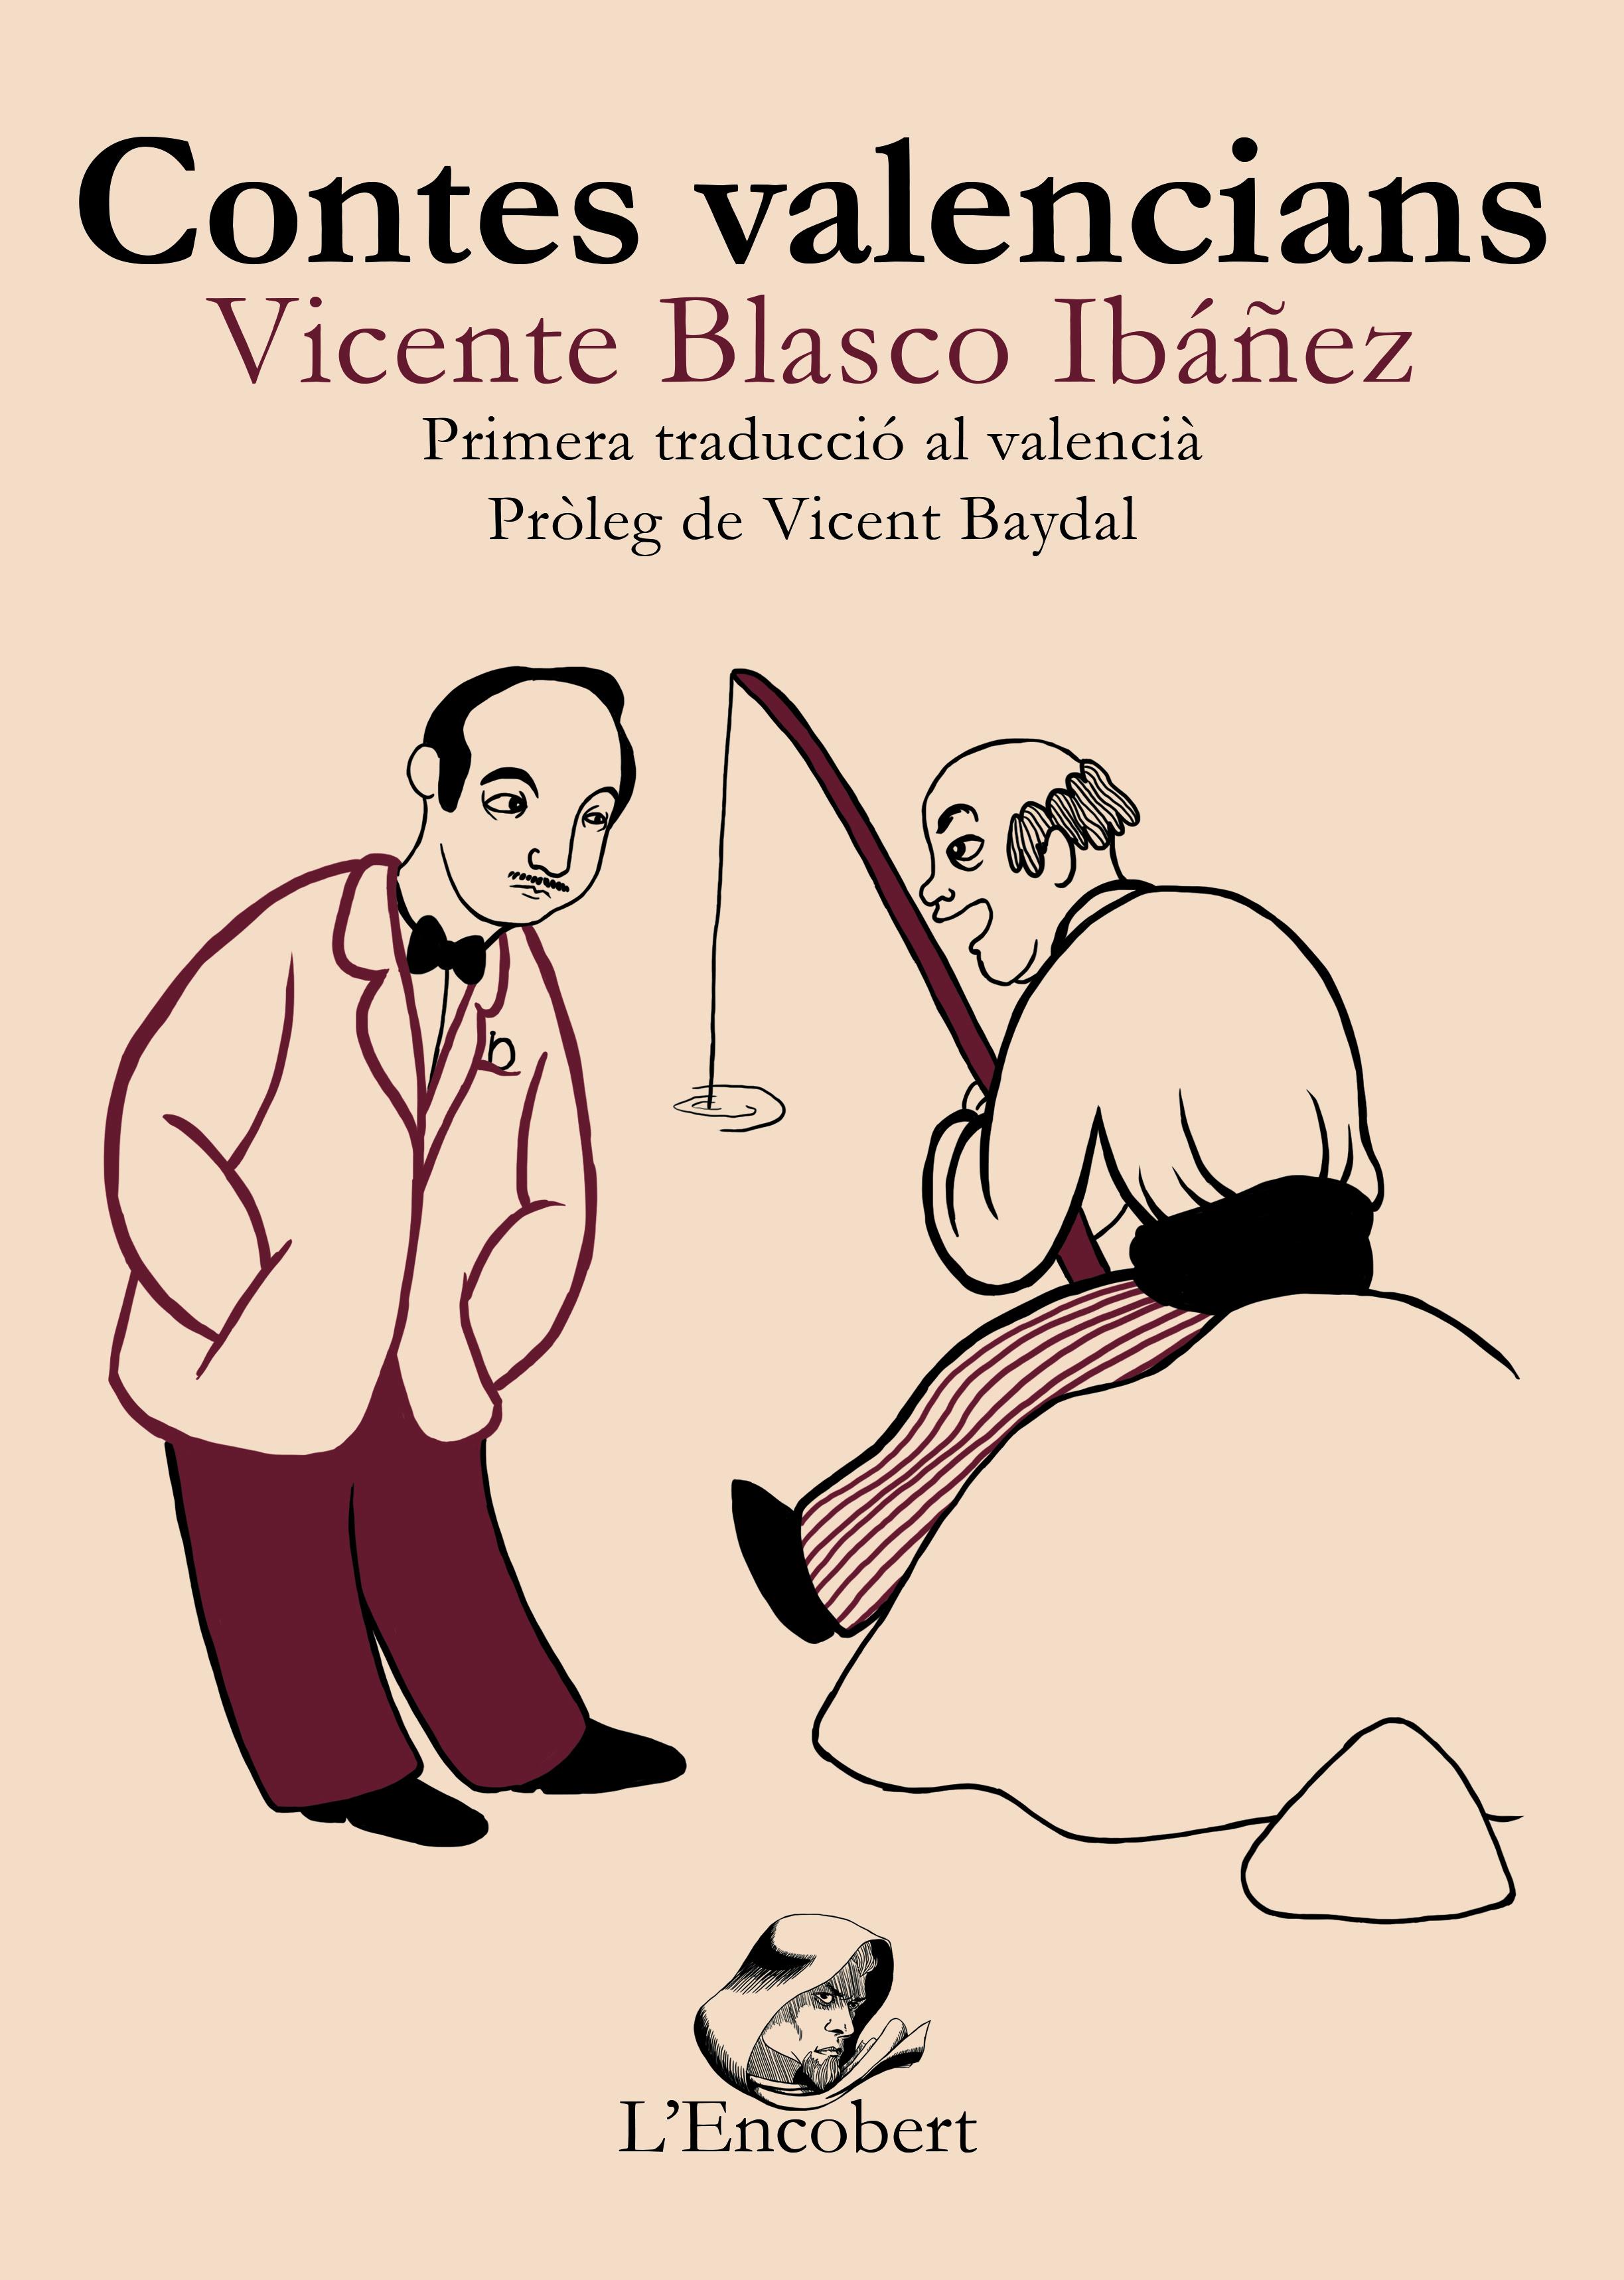 contes-valencians2